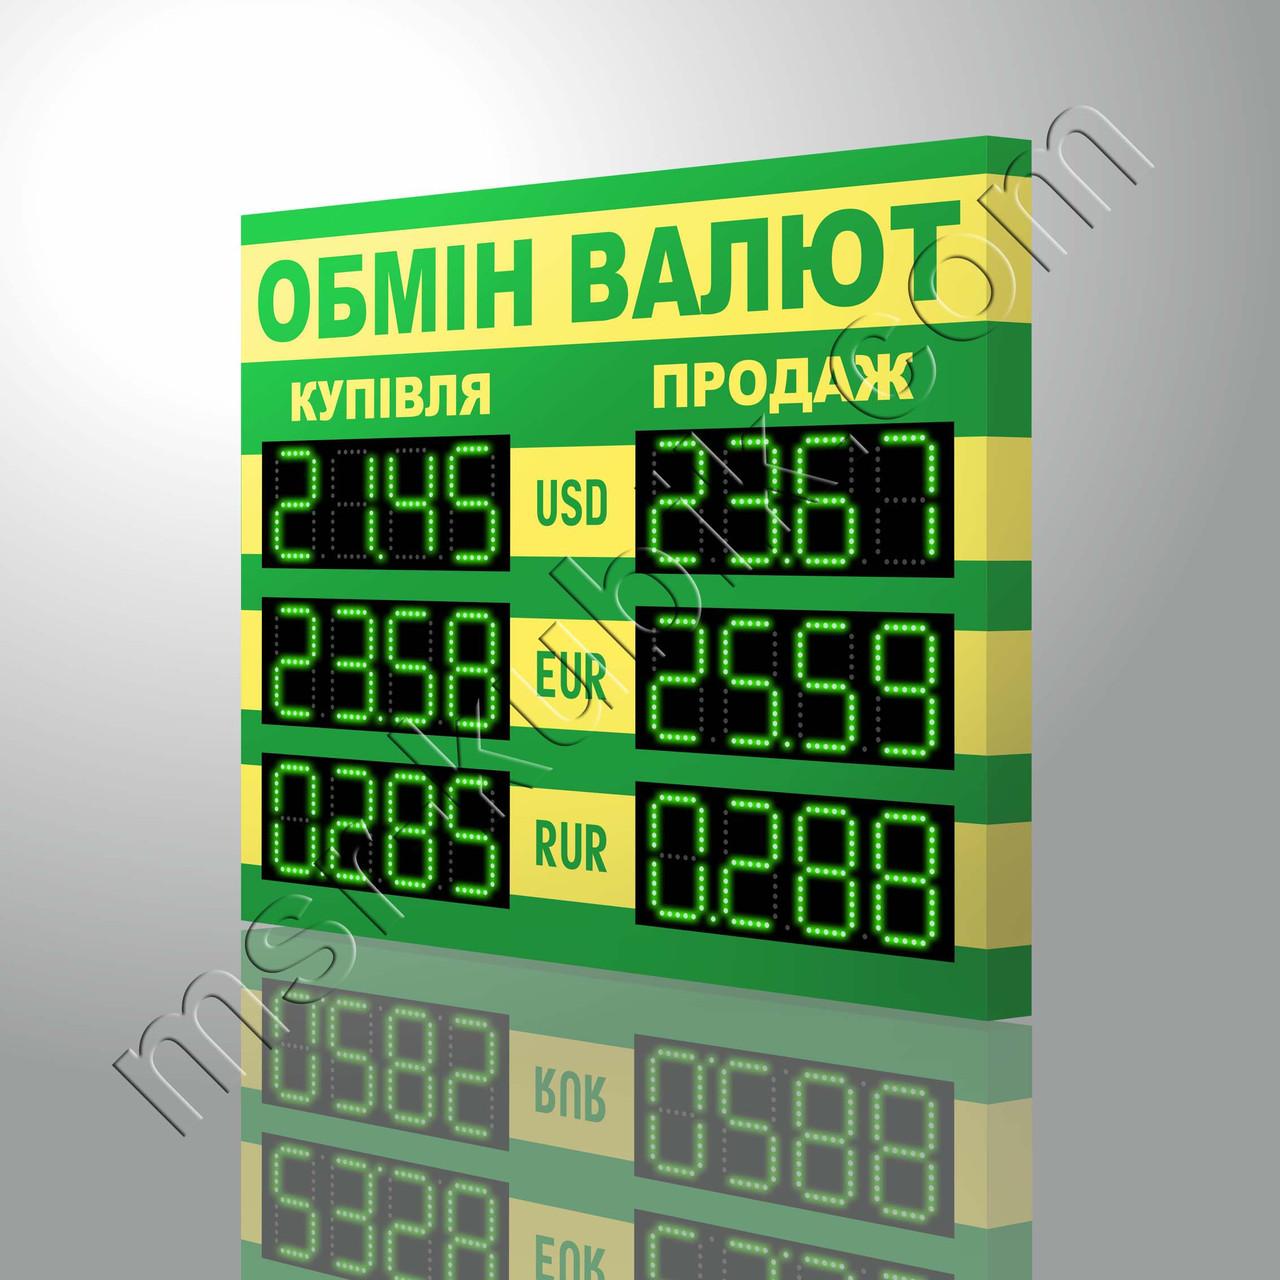 Табло обміну валют 1000х840 мм